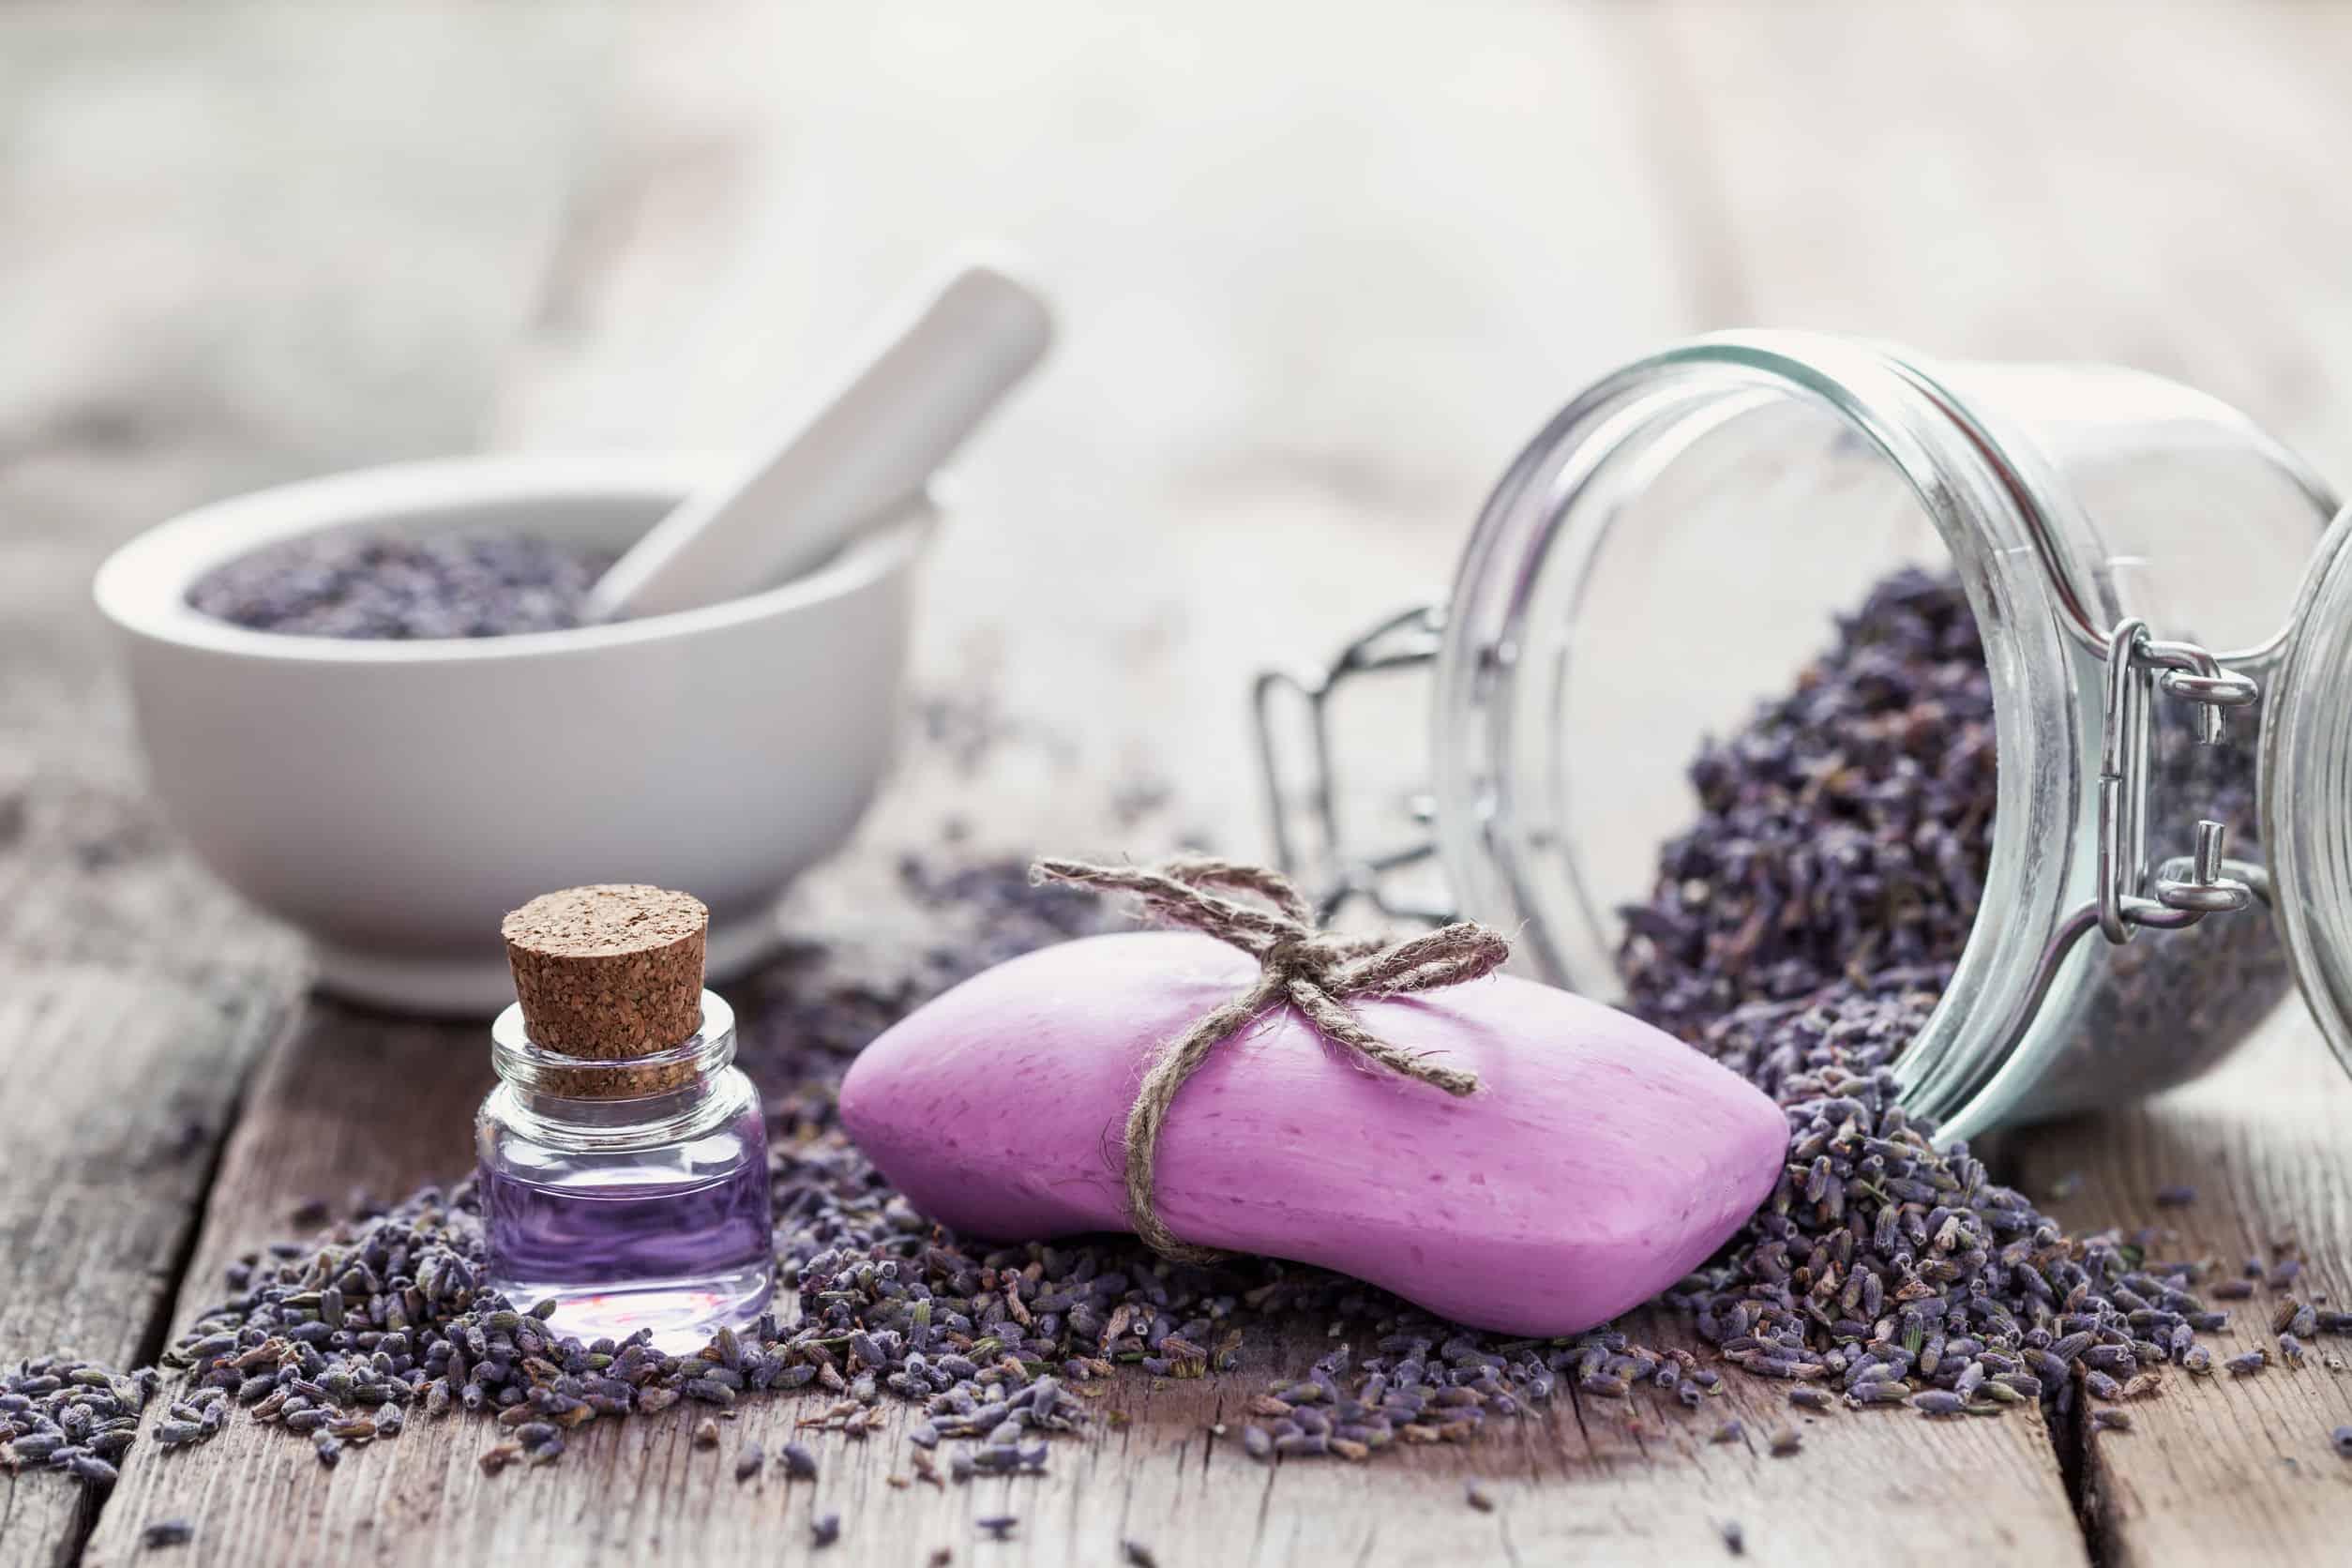 Lavendelseife: Test & Empfehlungen (07/20)